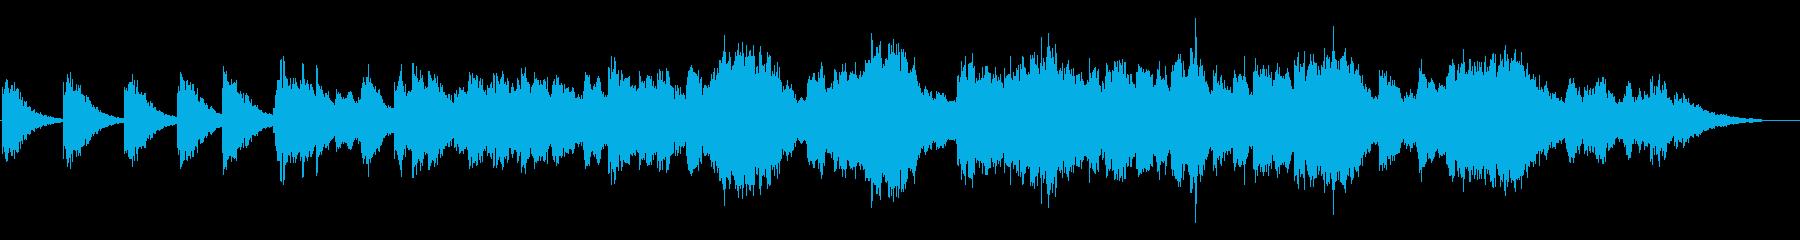 ヒーリングやリラックス向けのアンビエントの再生済みの波形